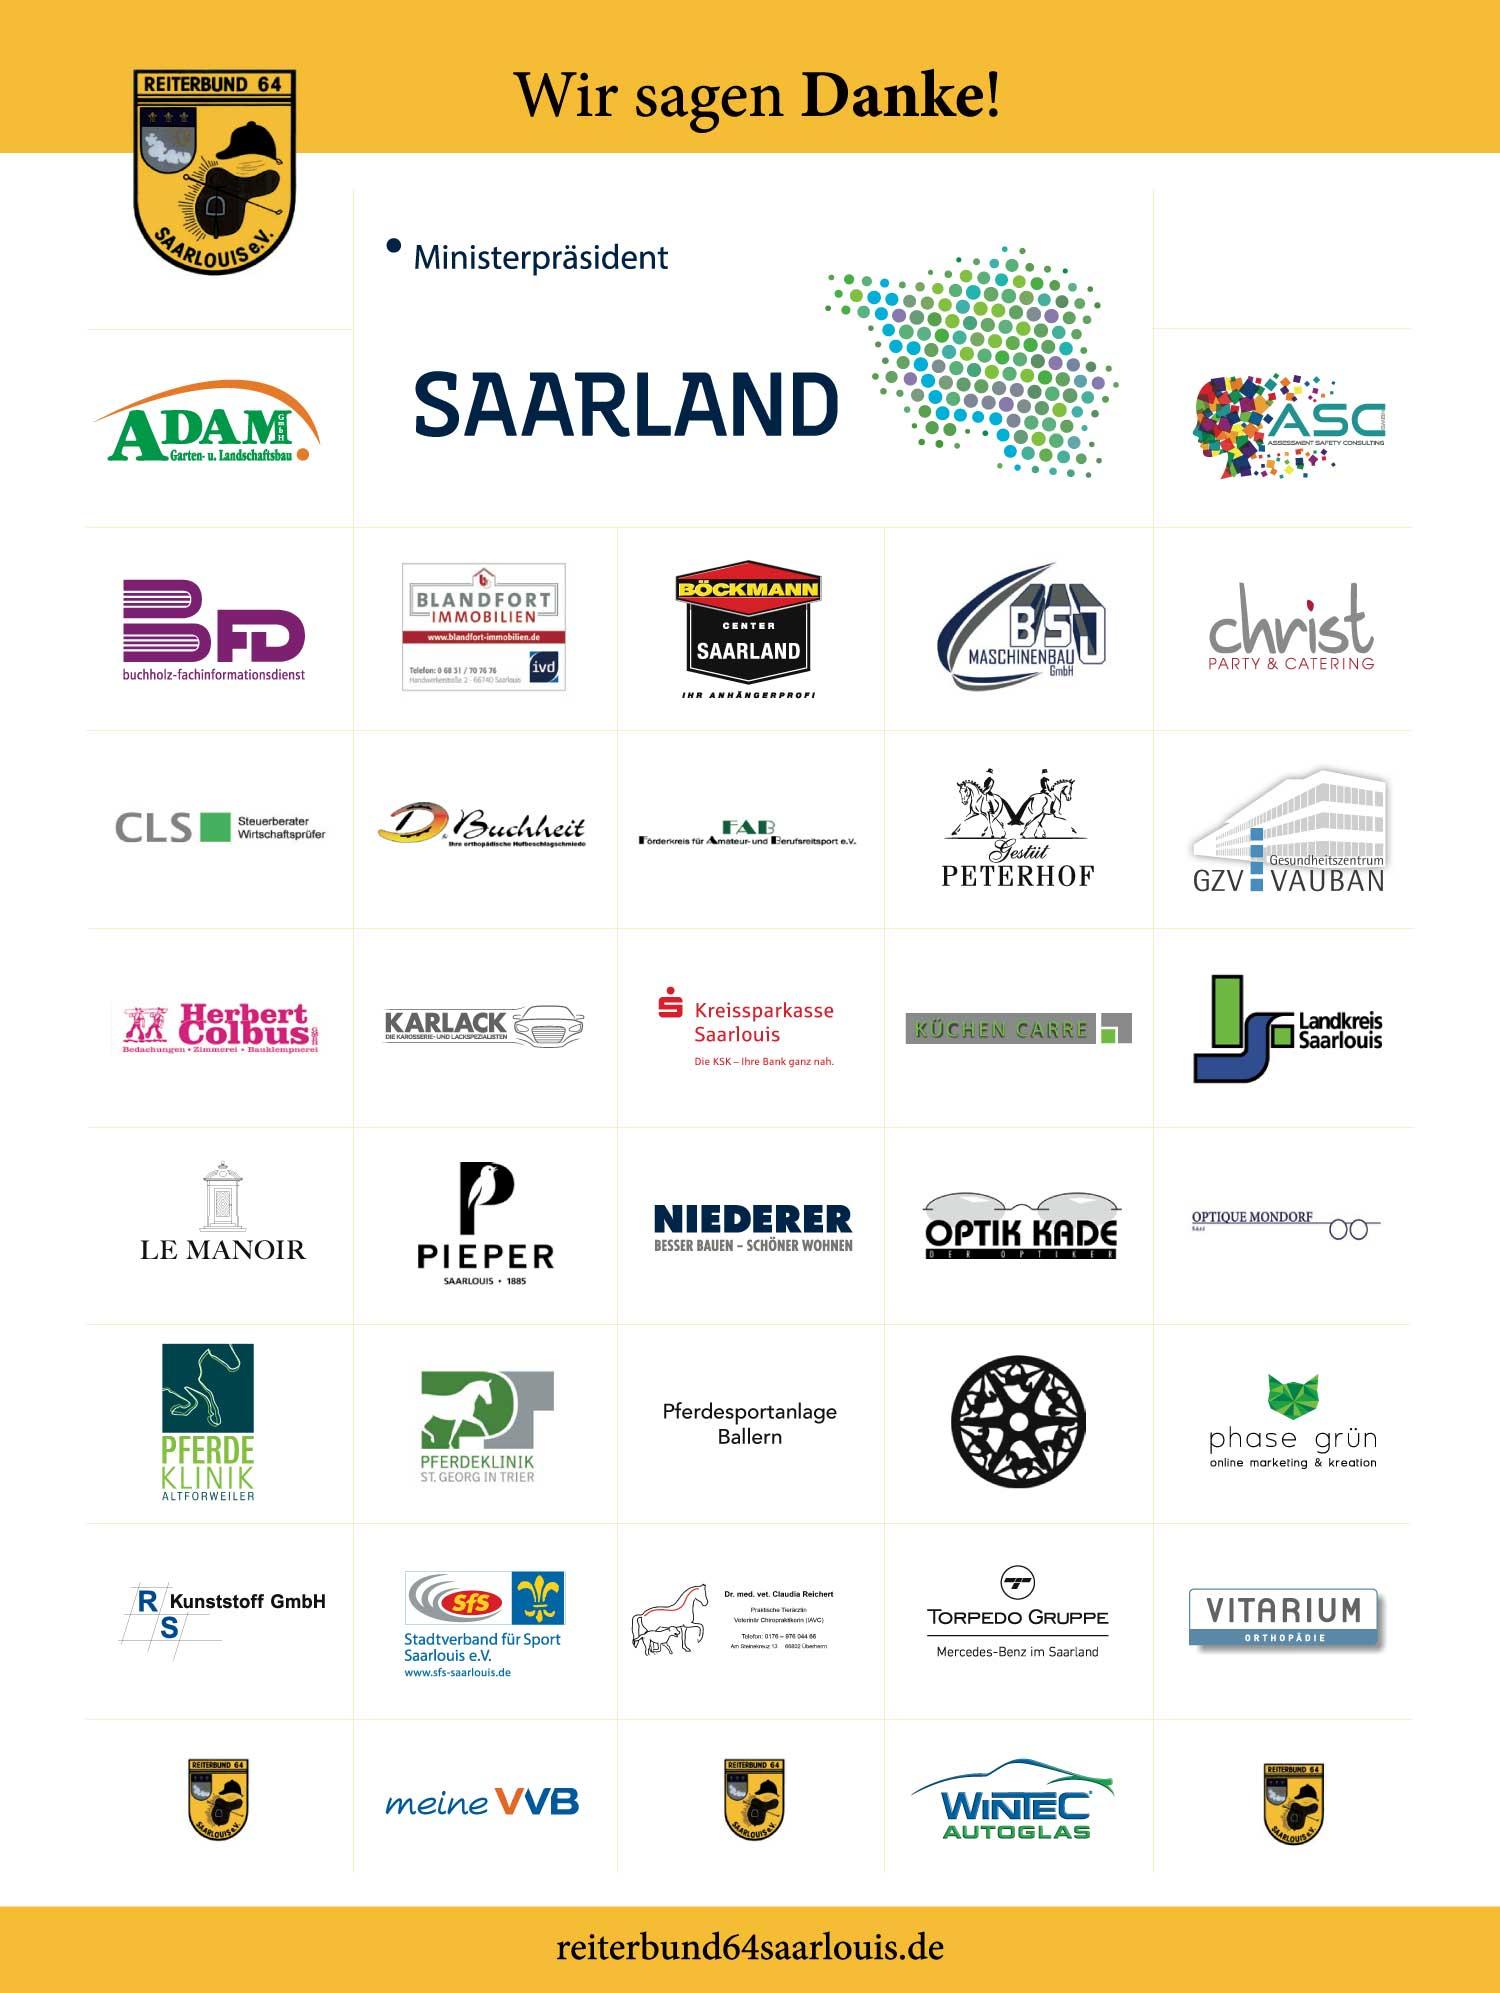 Reiterbund 64 Saarlouis e.V. - Sponsoren Dressurfestival 2019